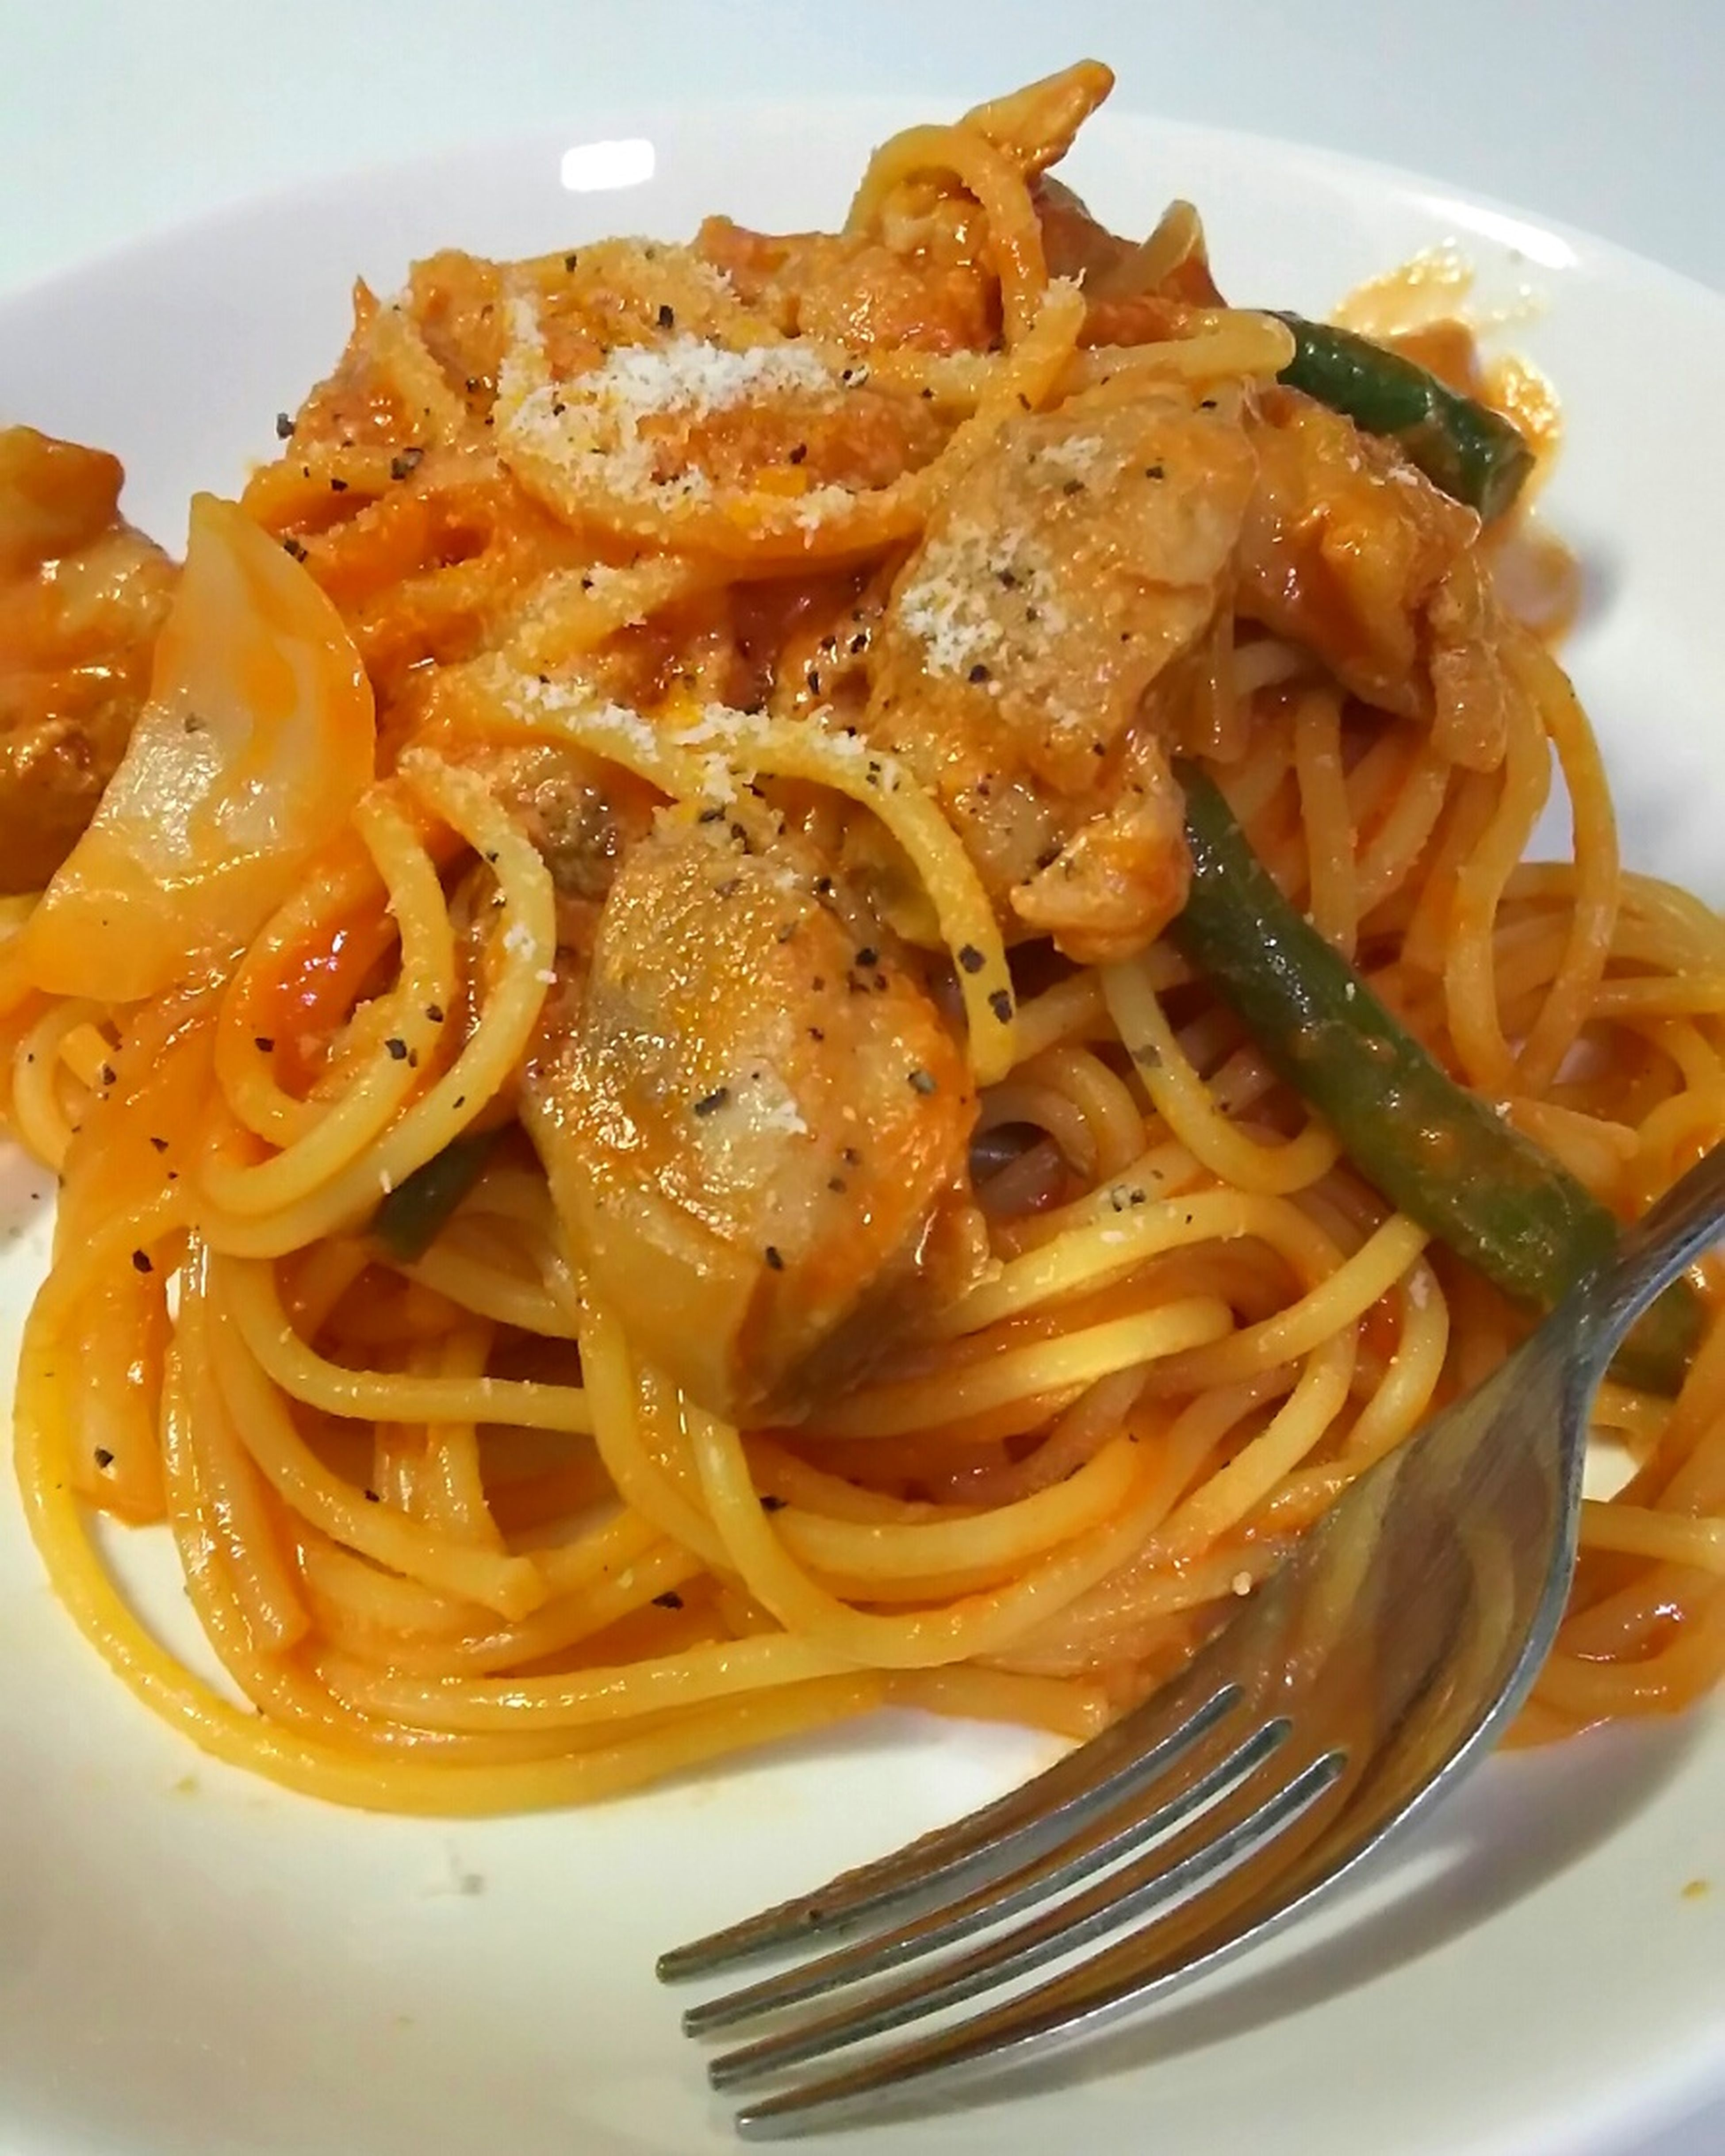 今夜はチキンとインゲンのナポリタン🍝 ナポリタン 洋食 Dinner Foodporn Enjoying A Meal Pastaporn 自画自賛👅我ながら🍝めっちゃ旨かったϋ♡